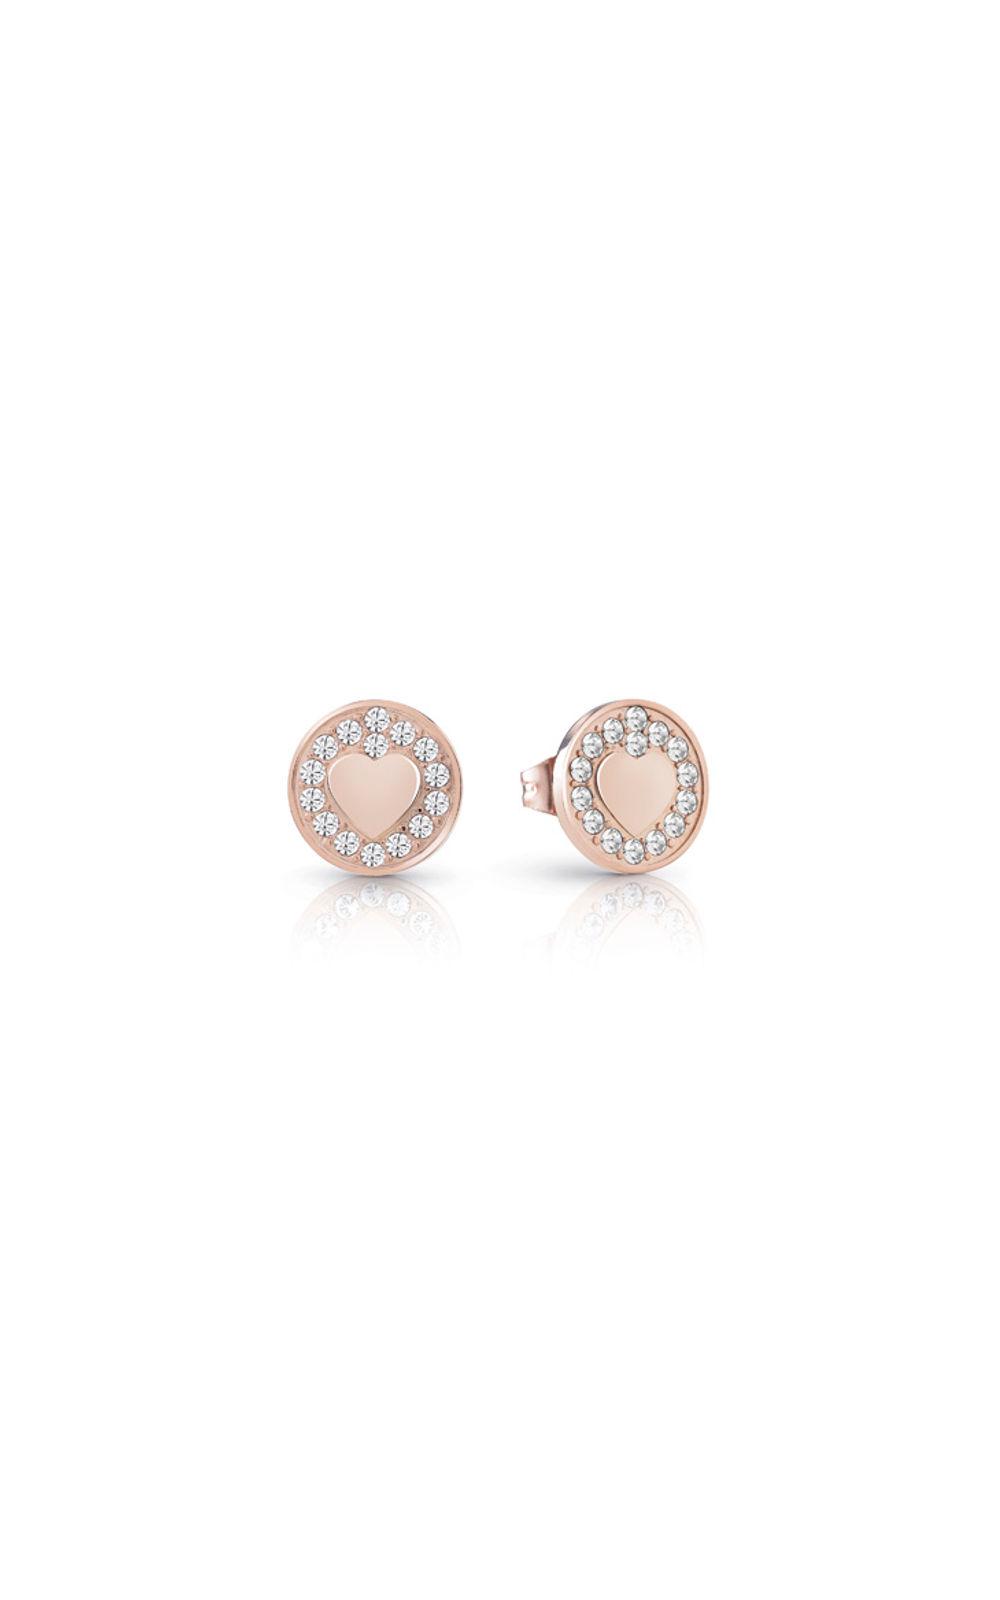 GUESS FAUX UBE85014 Ροζ Χρυσά Σκουλαρίκια Με Καρδιές